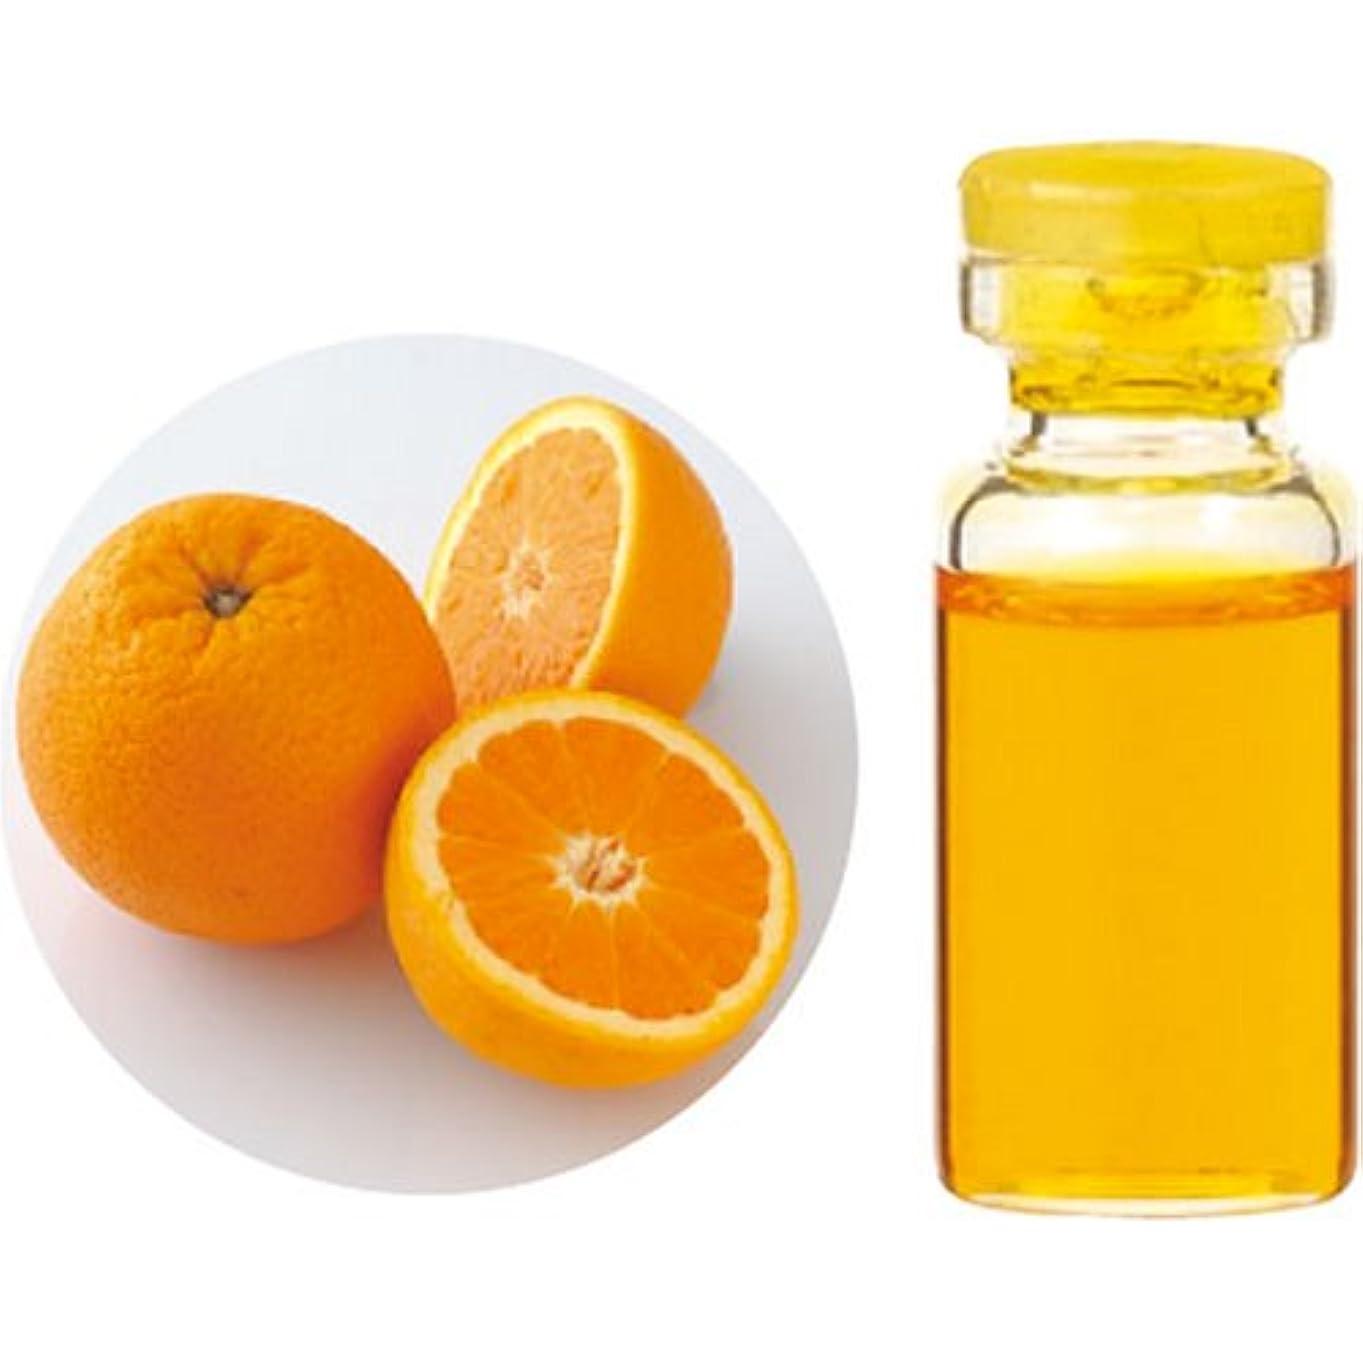 揃えるアレンジバルブHerbalLife スィートオレンジ 10ml